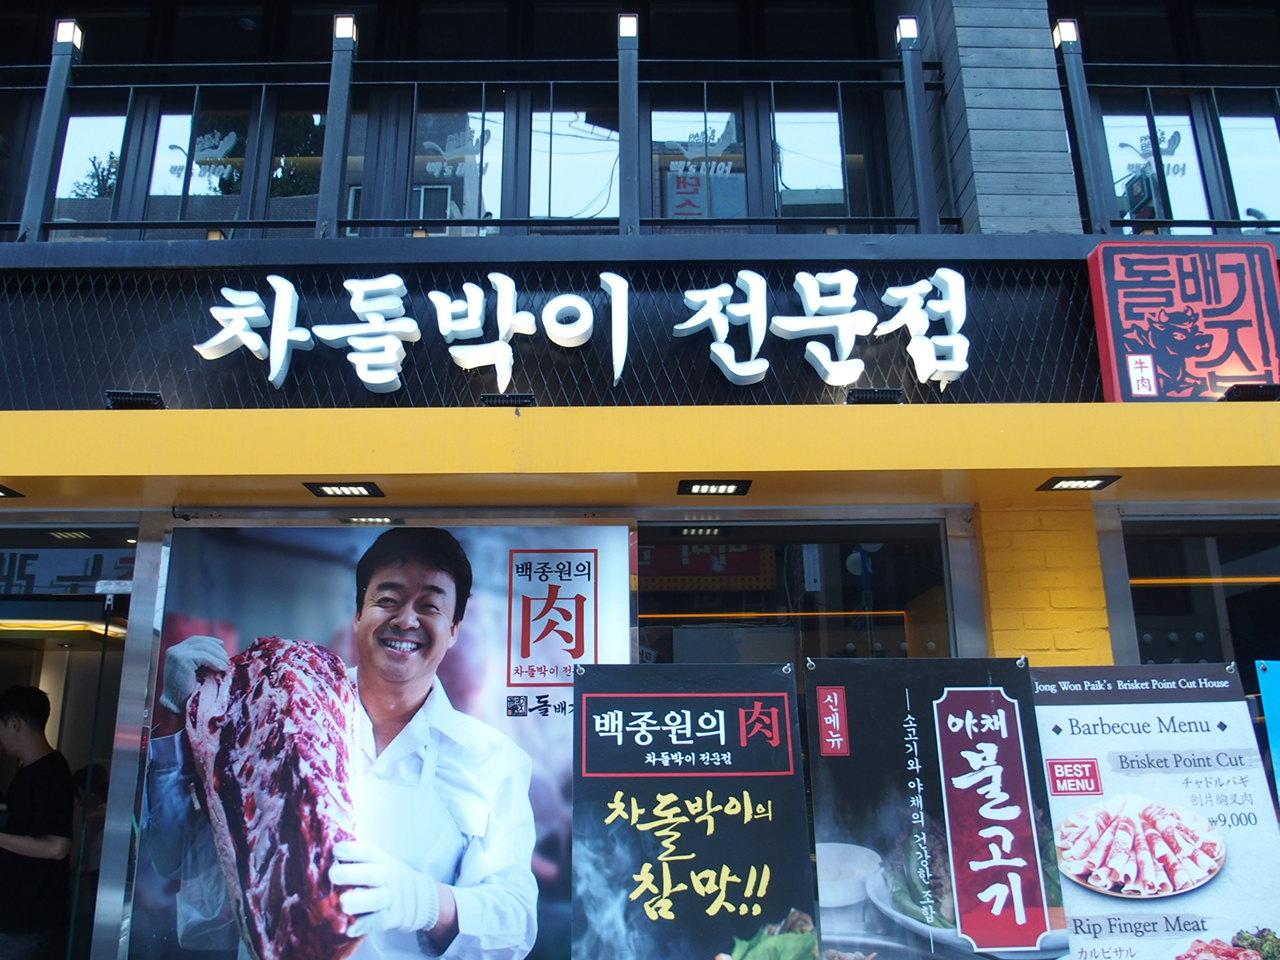 チャルドバギ専門店のトルベギチッで焼肉を食べる